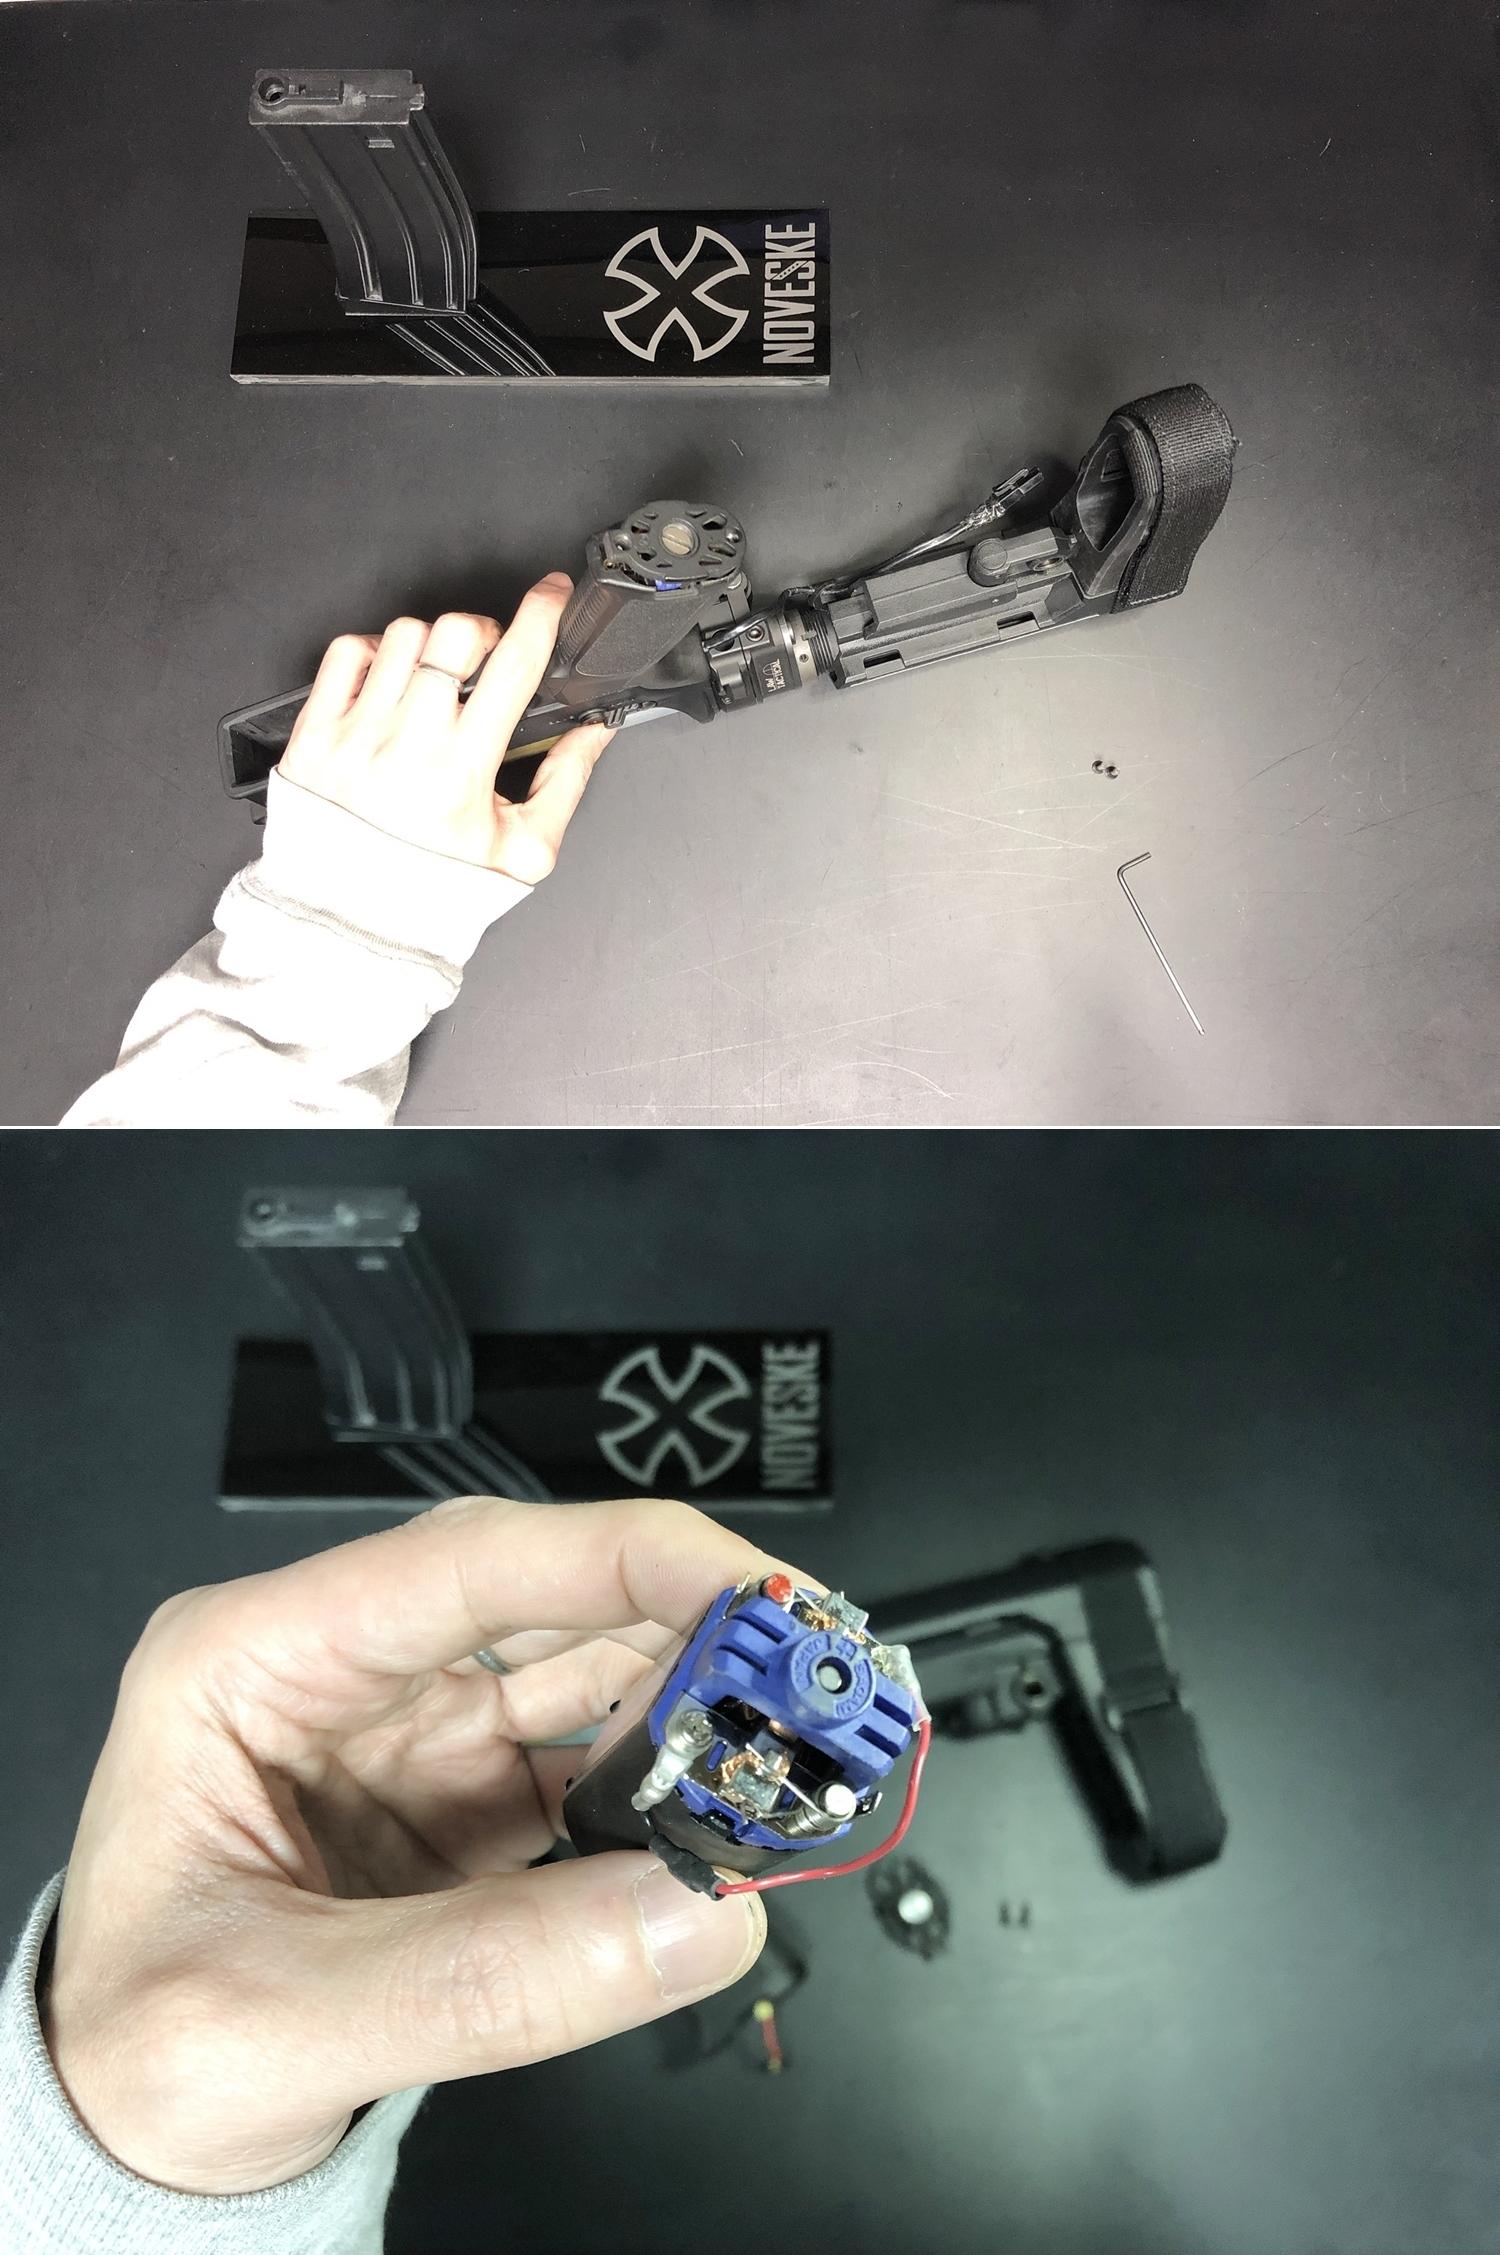 7 次世代 M4 CQB-R 簡易的修理で激的変化!! メカボックス 新品交換 & サマリウム・コバルトモーター カスタム!! メンテナンス 交換 修理 カスタム レビュー!!